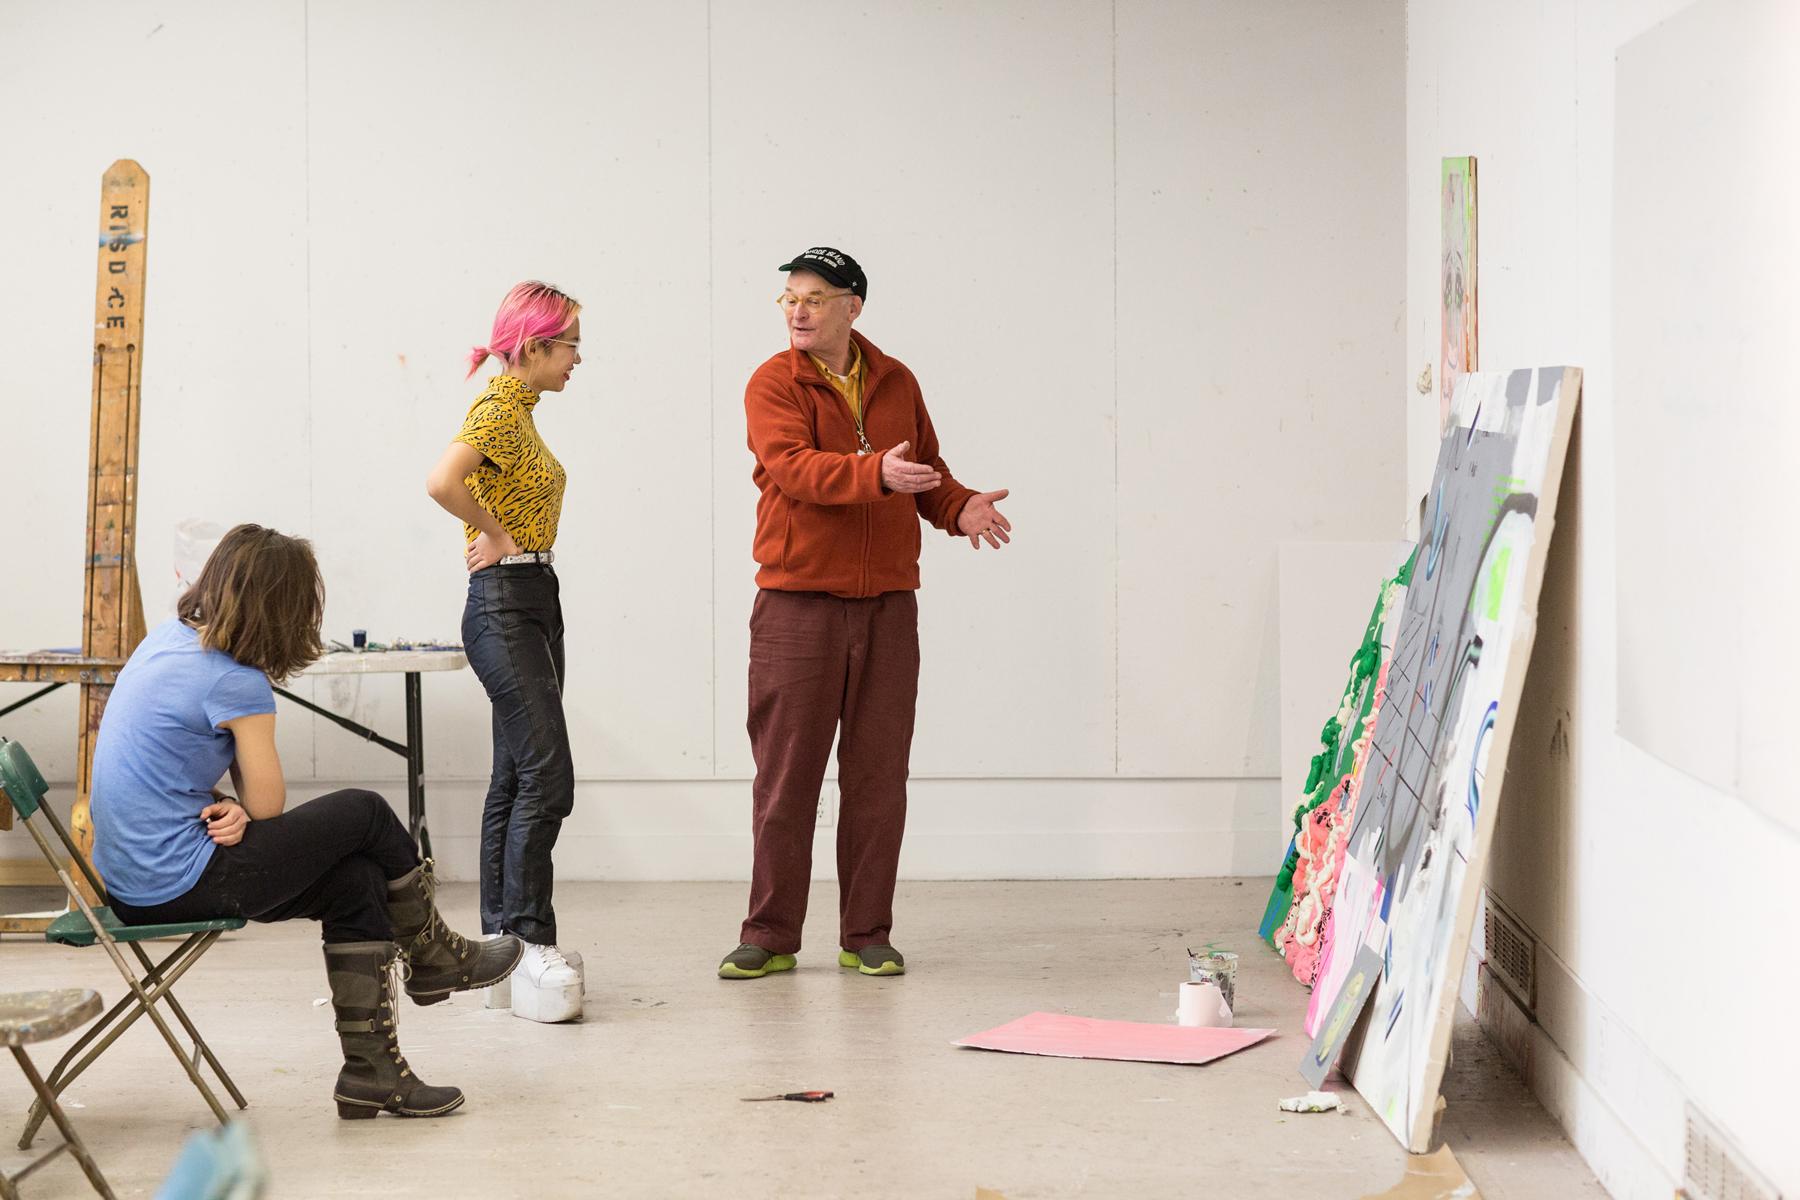 How To Apply To Mfa Programs At Art Schools Artsy